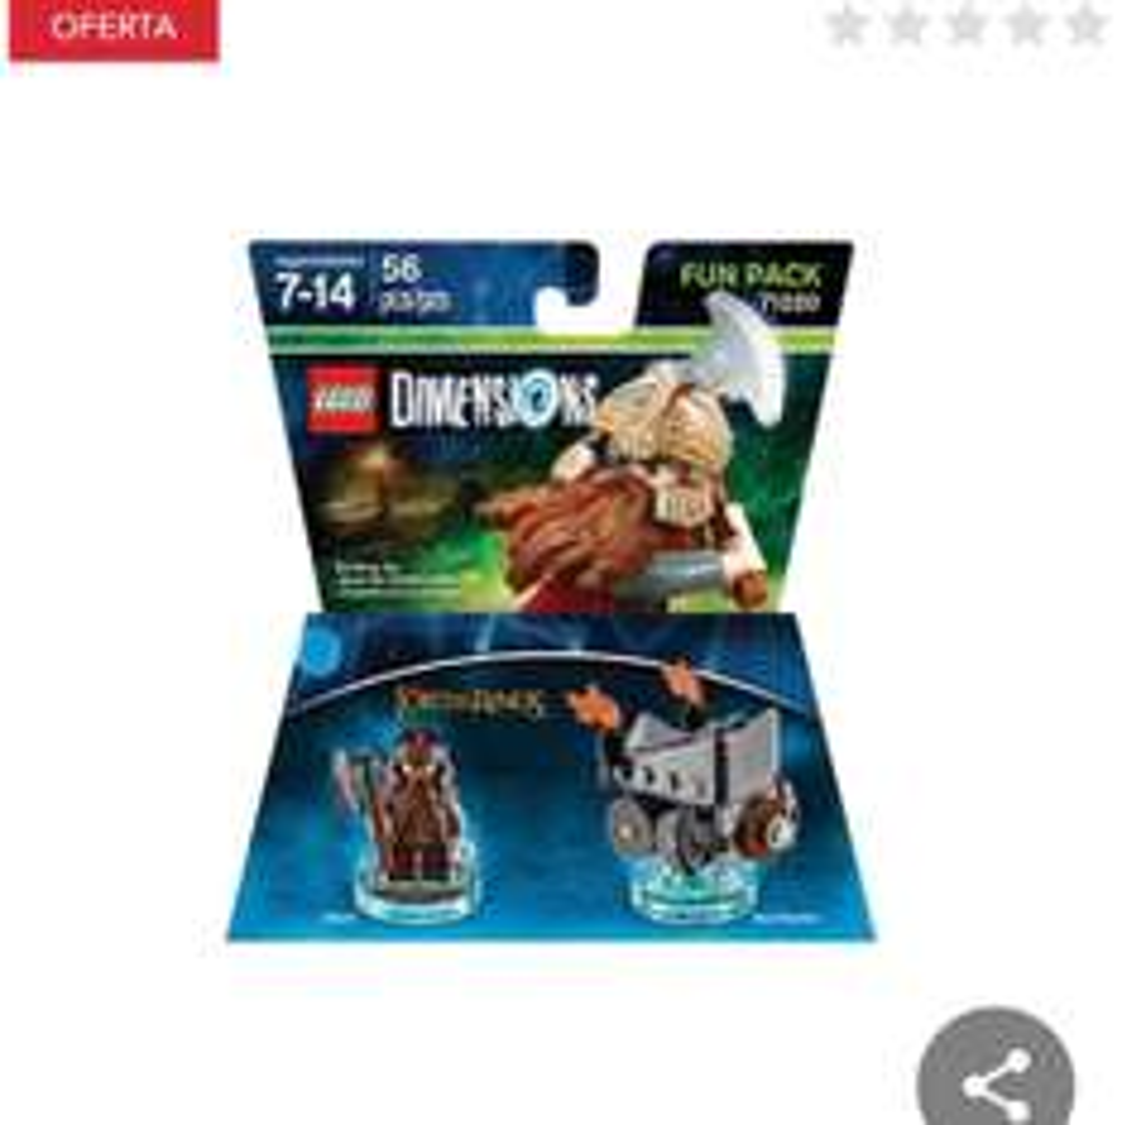 Best Buy en línea: productos lego dimensions de 56 piezas de $299 a $125